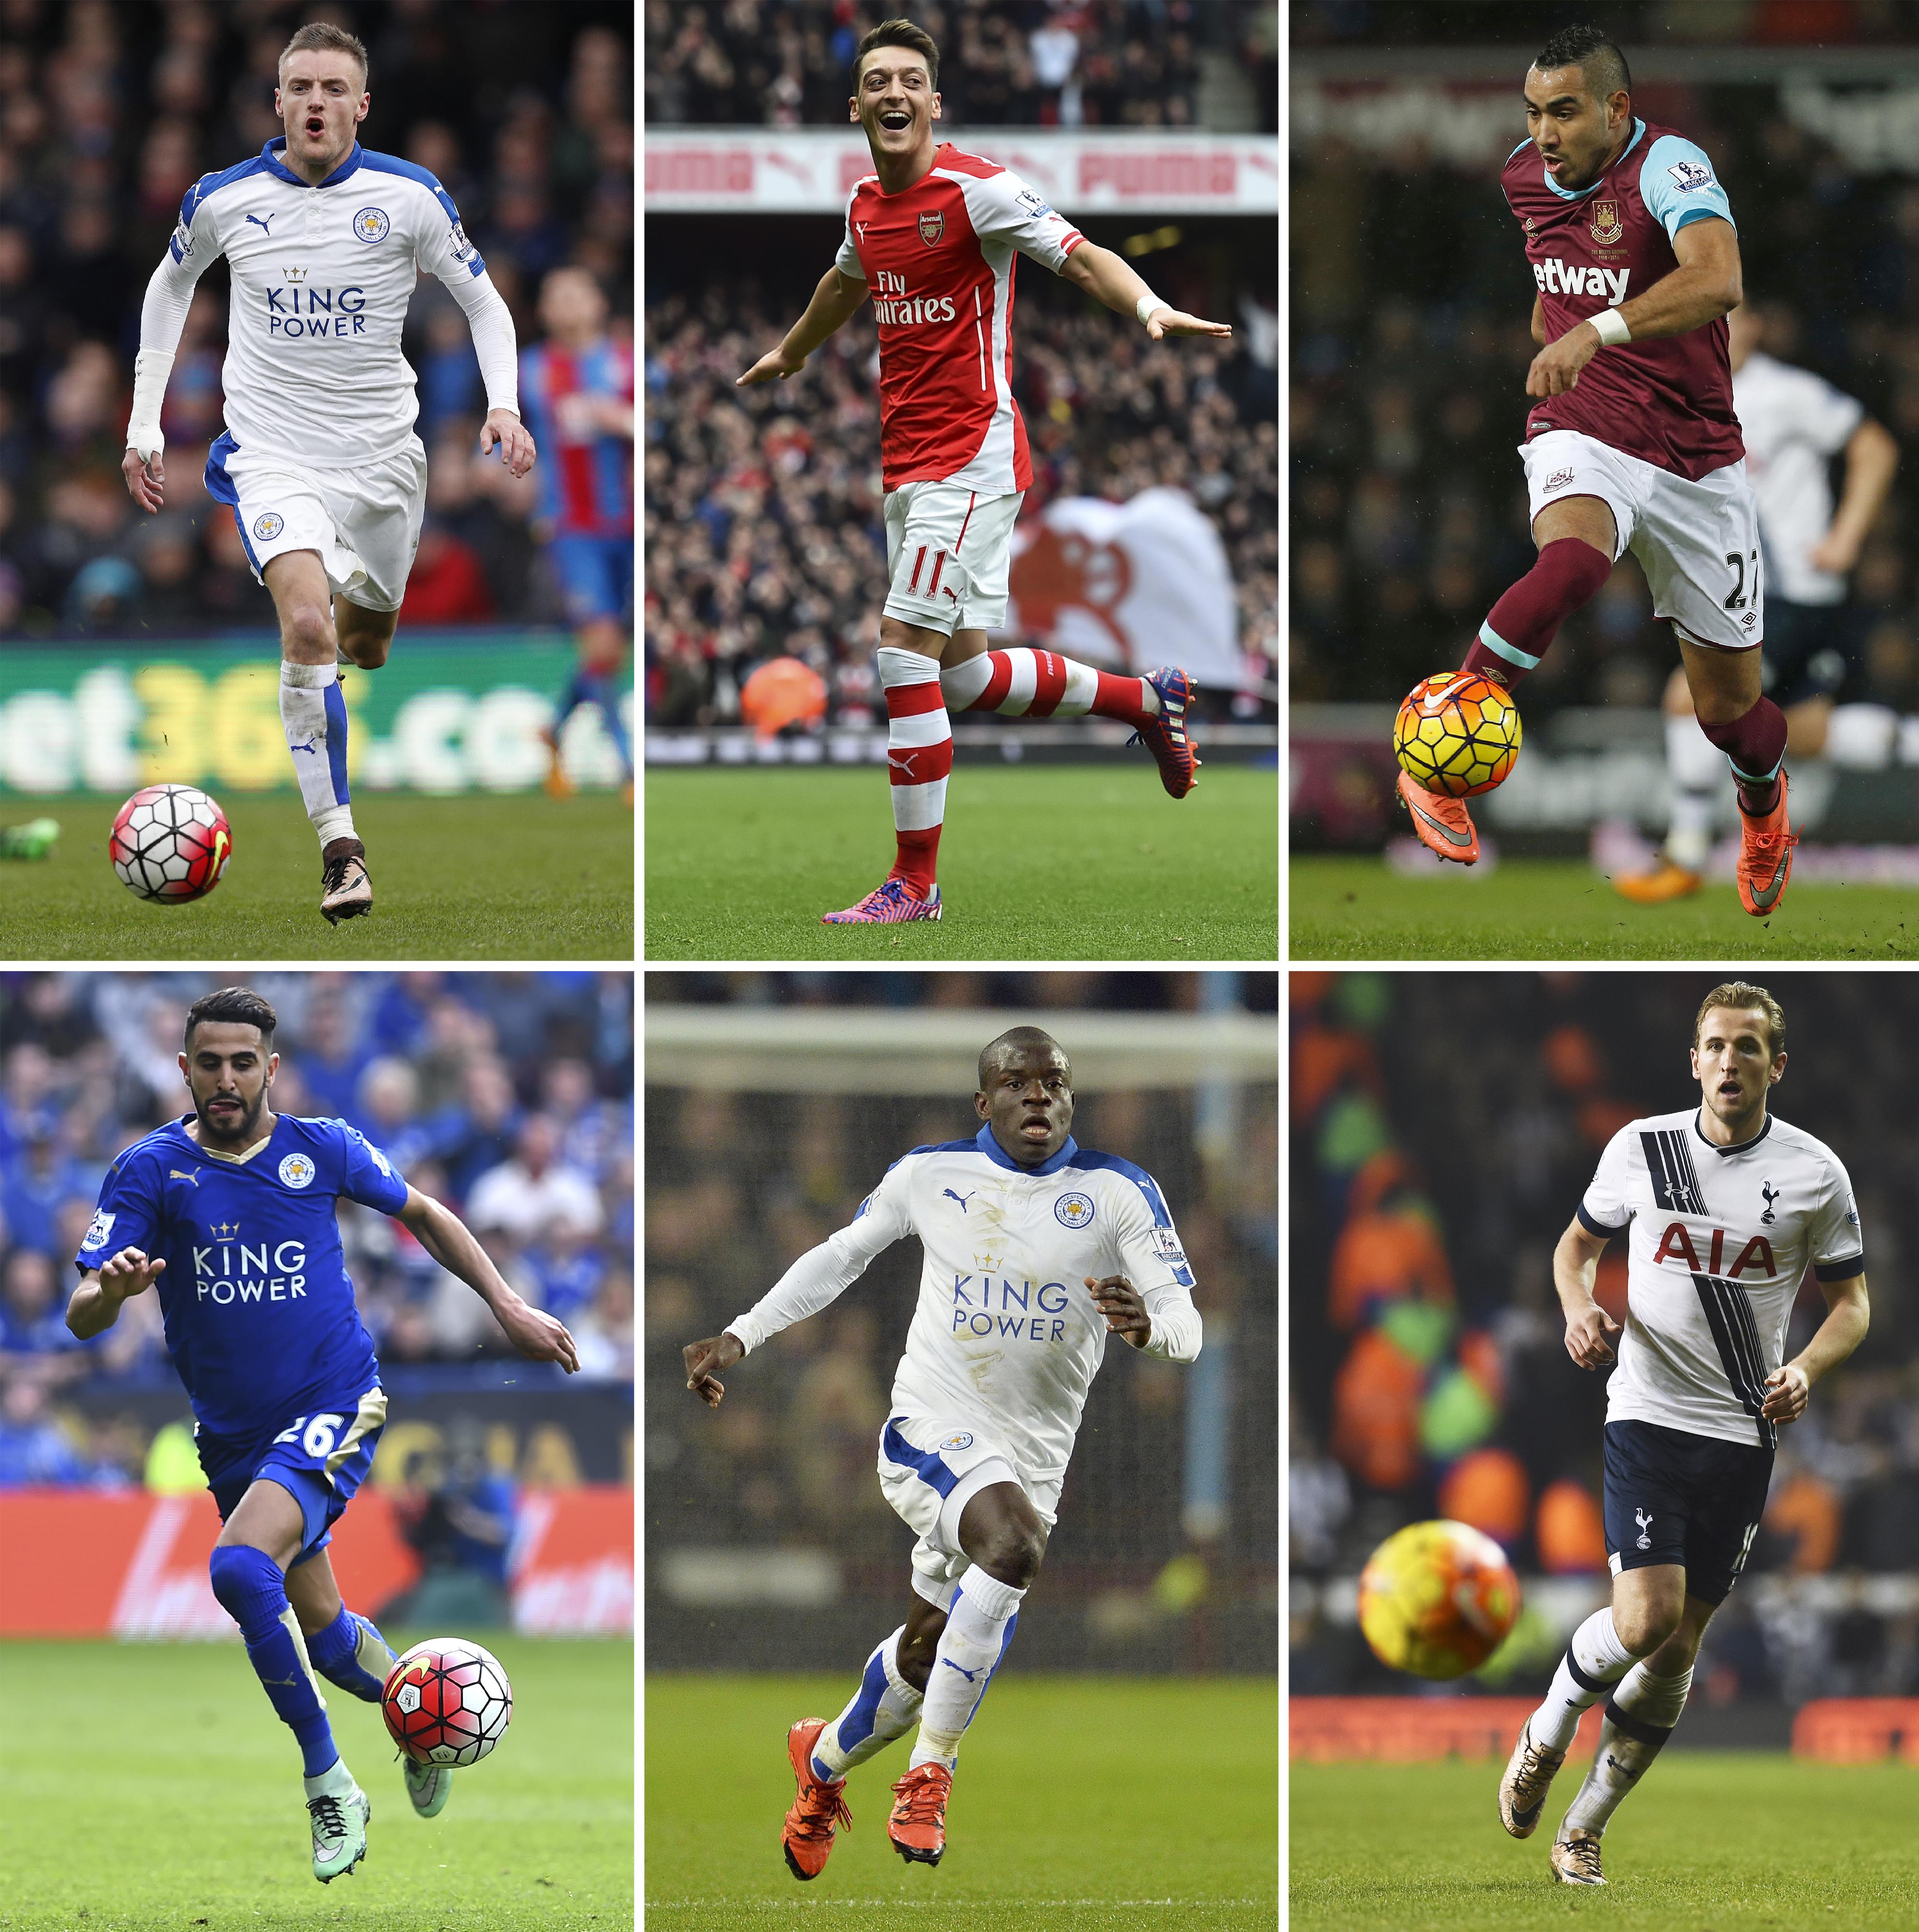 القائمة التي كانت مرشحة للفوز بلقب أحسن لاعب في الدوري الانجليزي الممتاز